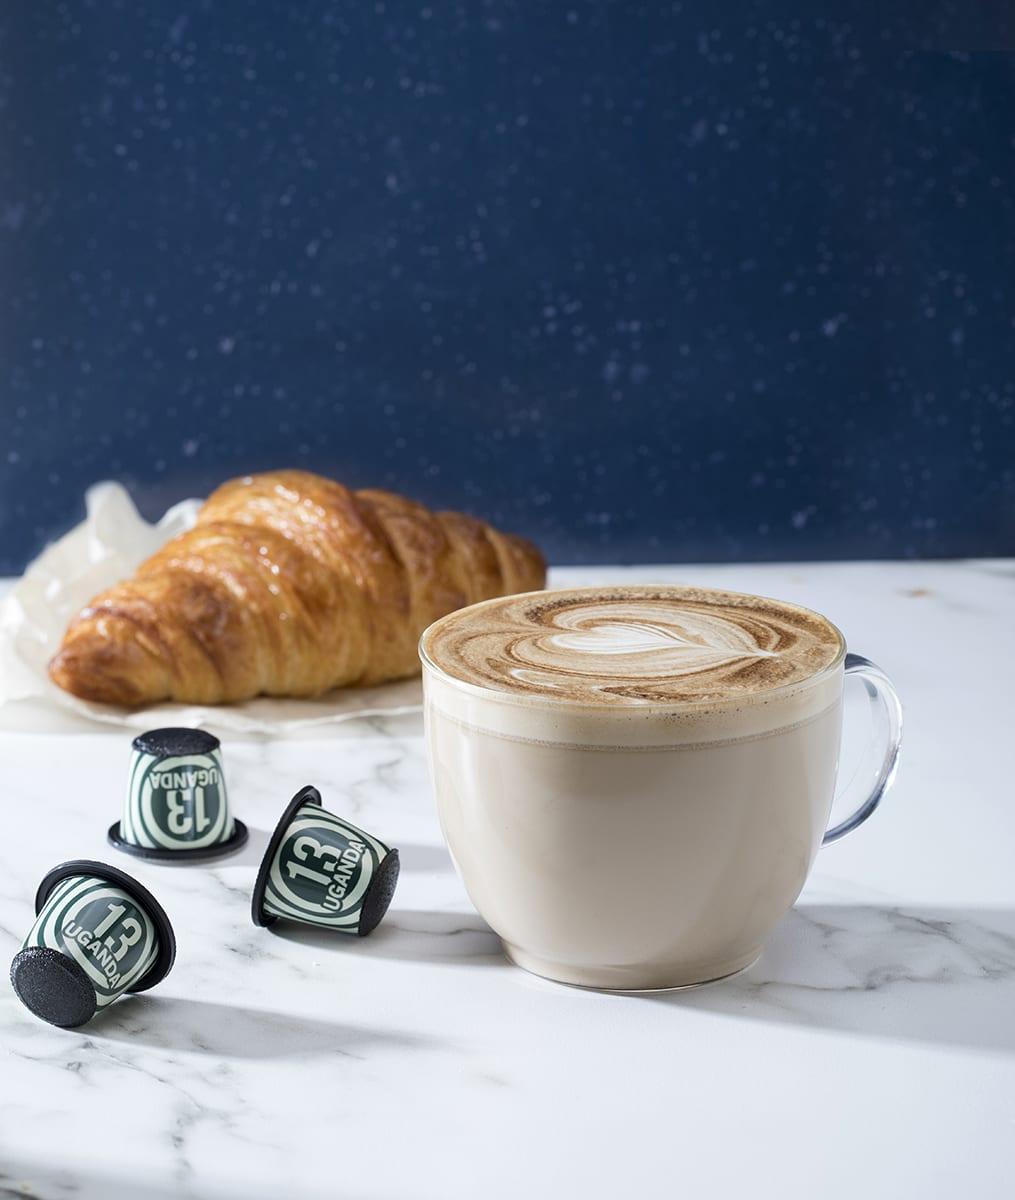 קפסולות קפה מספר 13